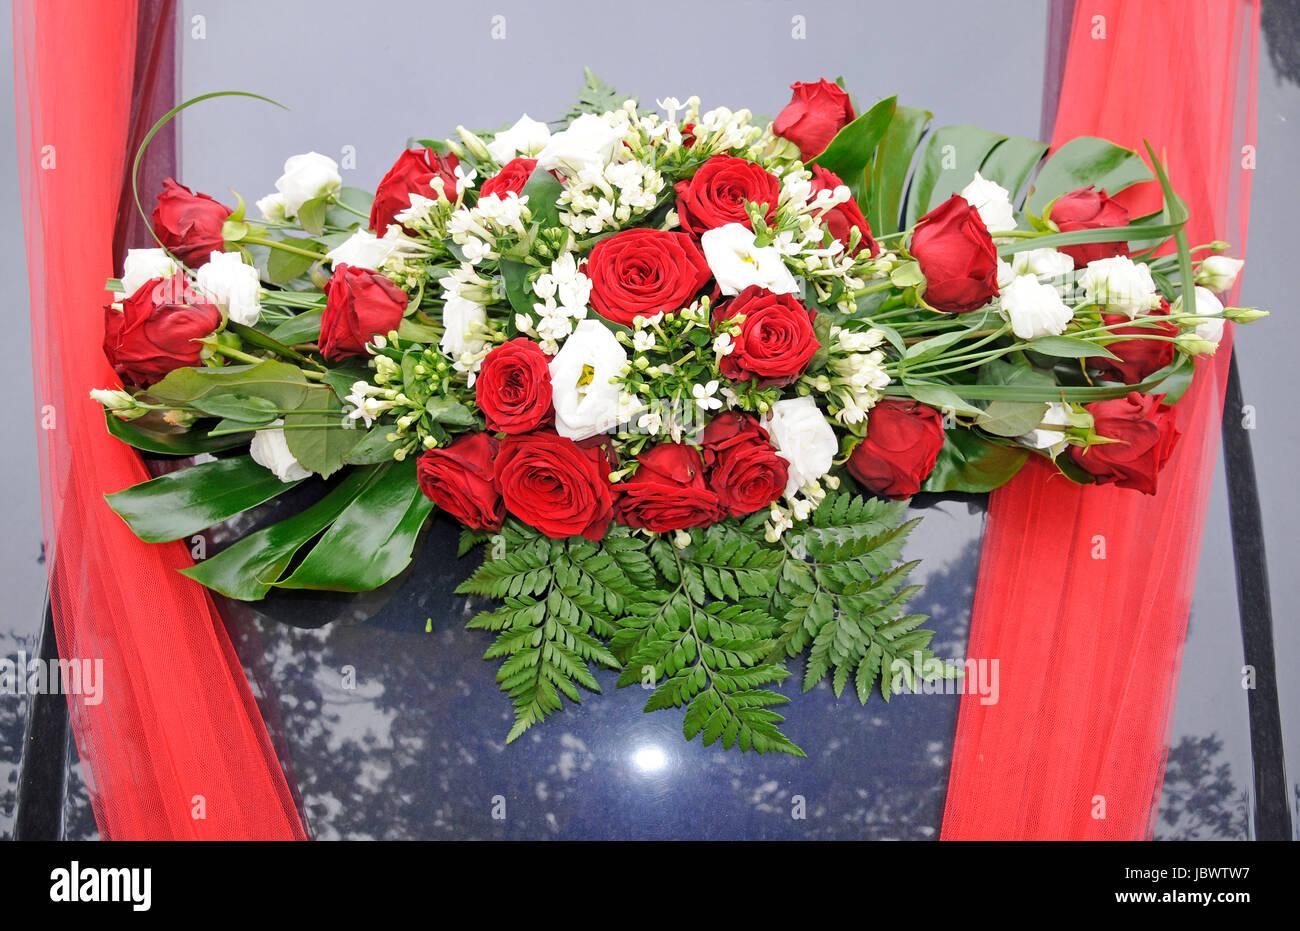 Hochzeitsschmuck Auto Hochzeit Heirat Jahrmarktssangerin